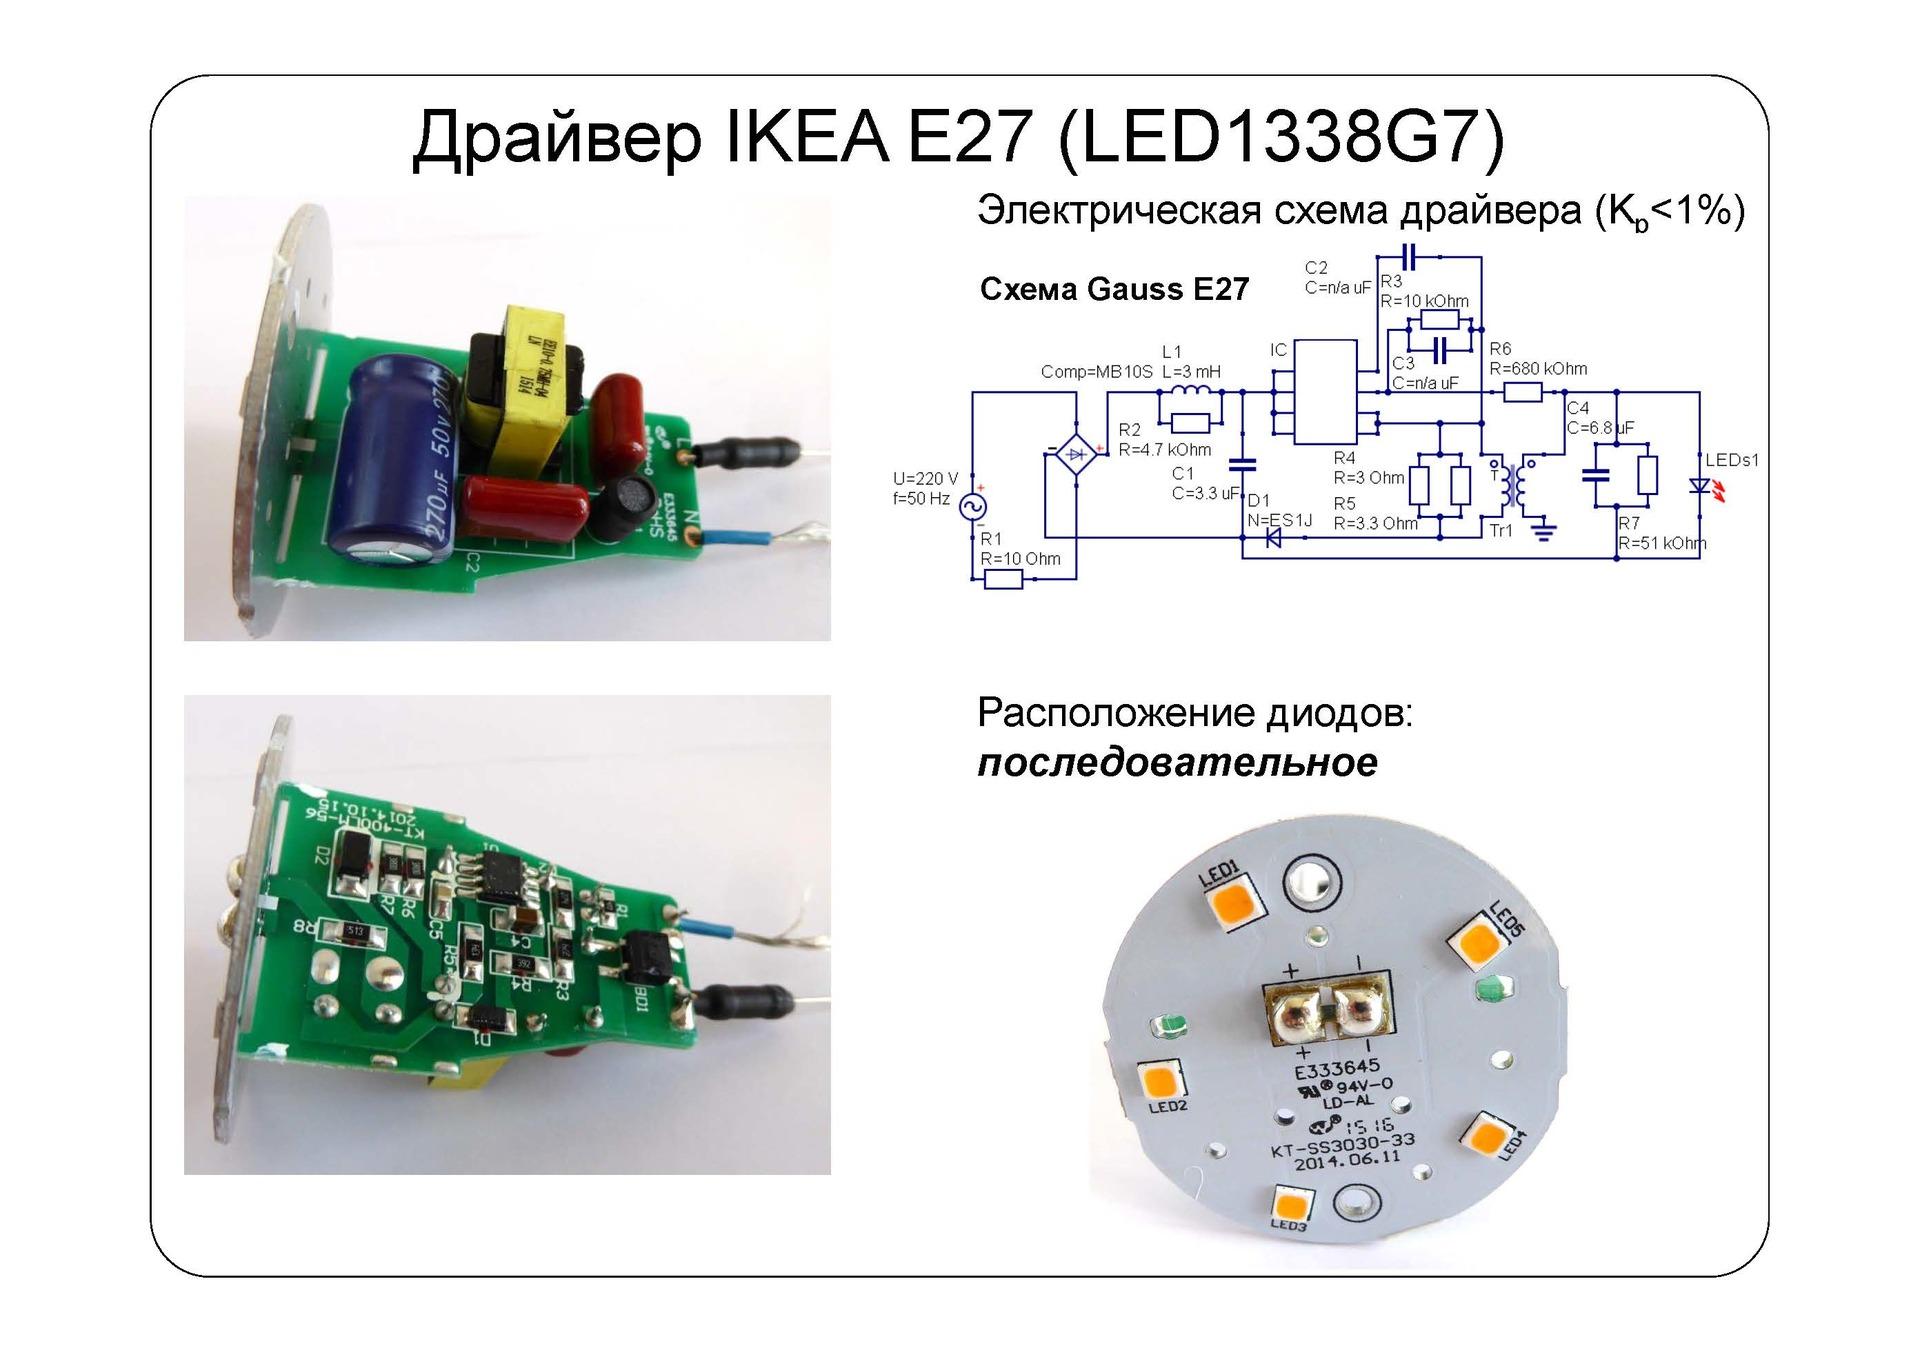 Взгляд изнутри: IKEA LED наносит ответный удар - 4